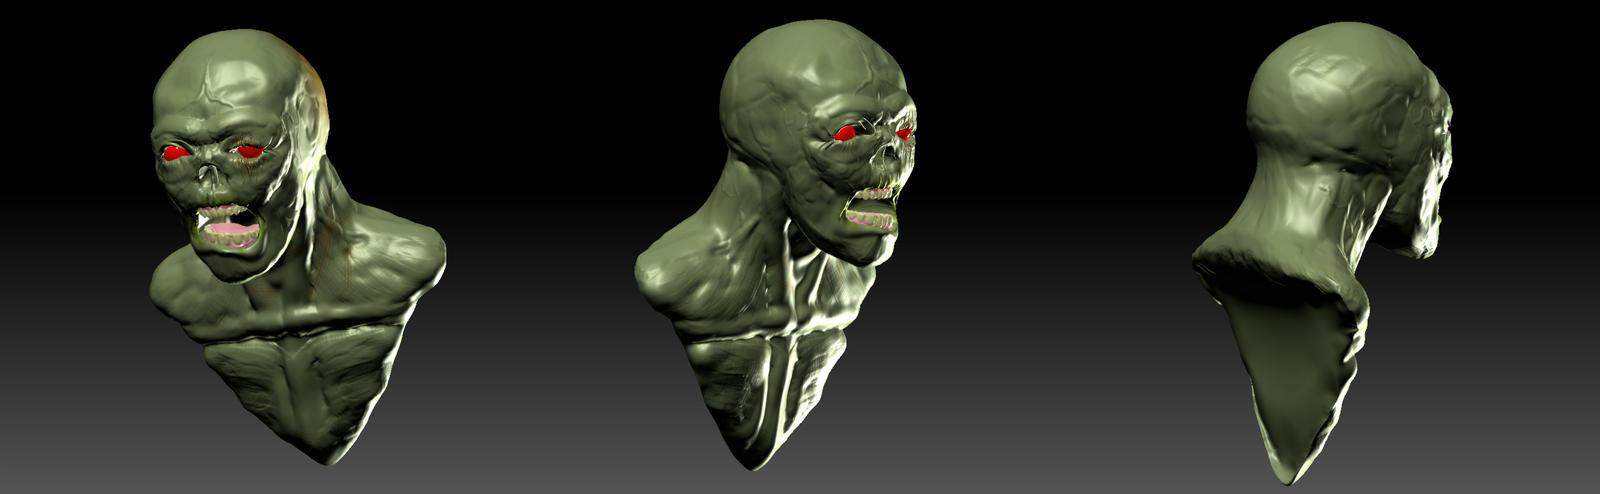 Zombie model - Zbrush